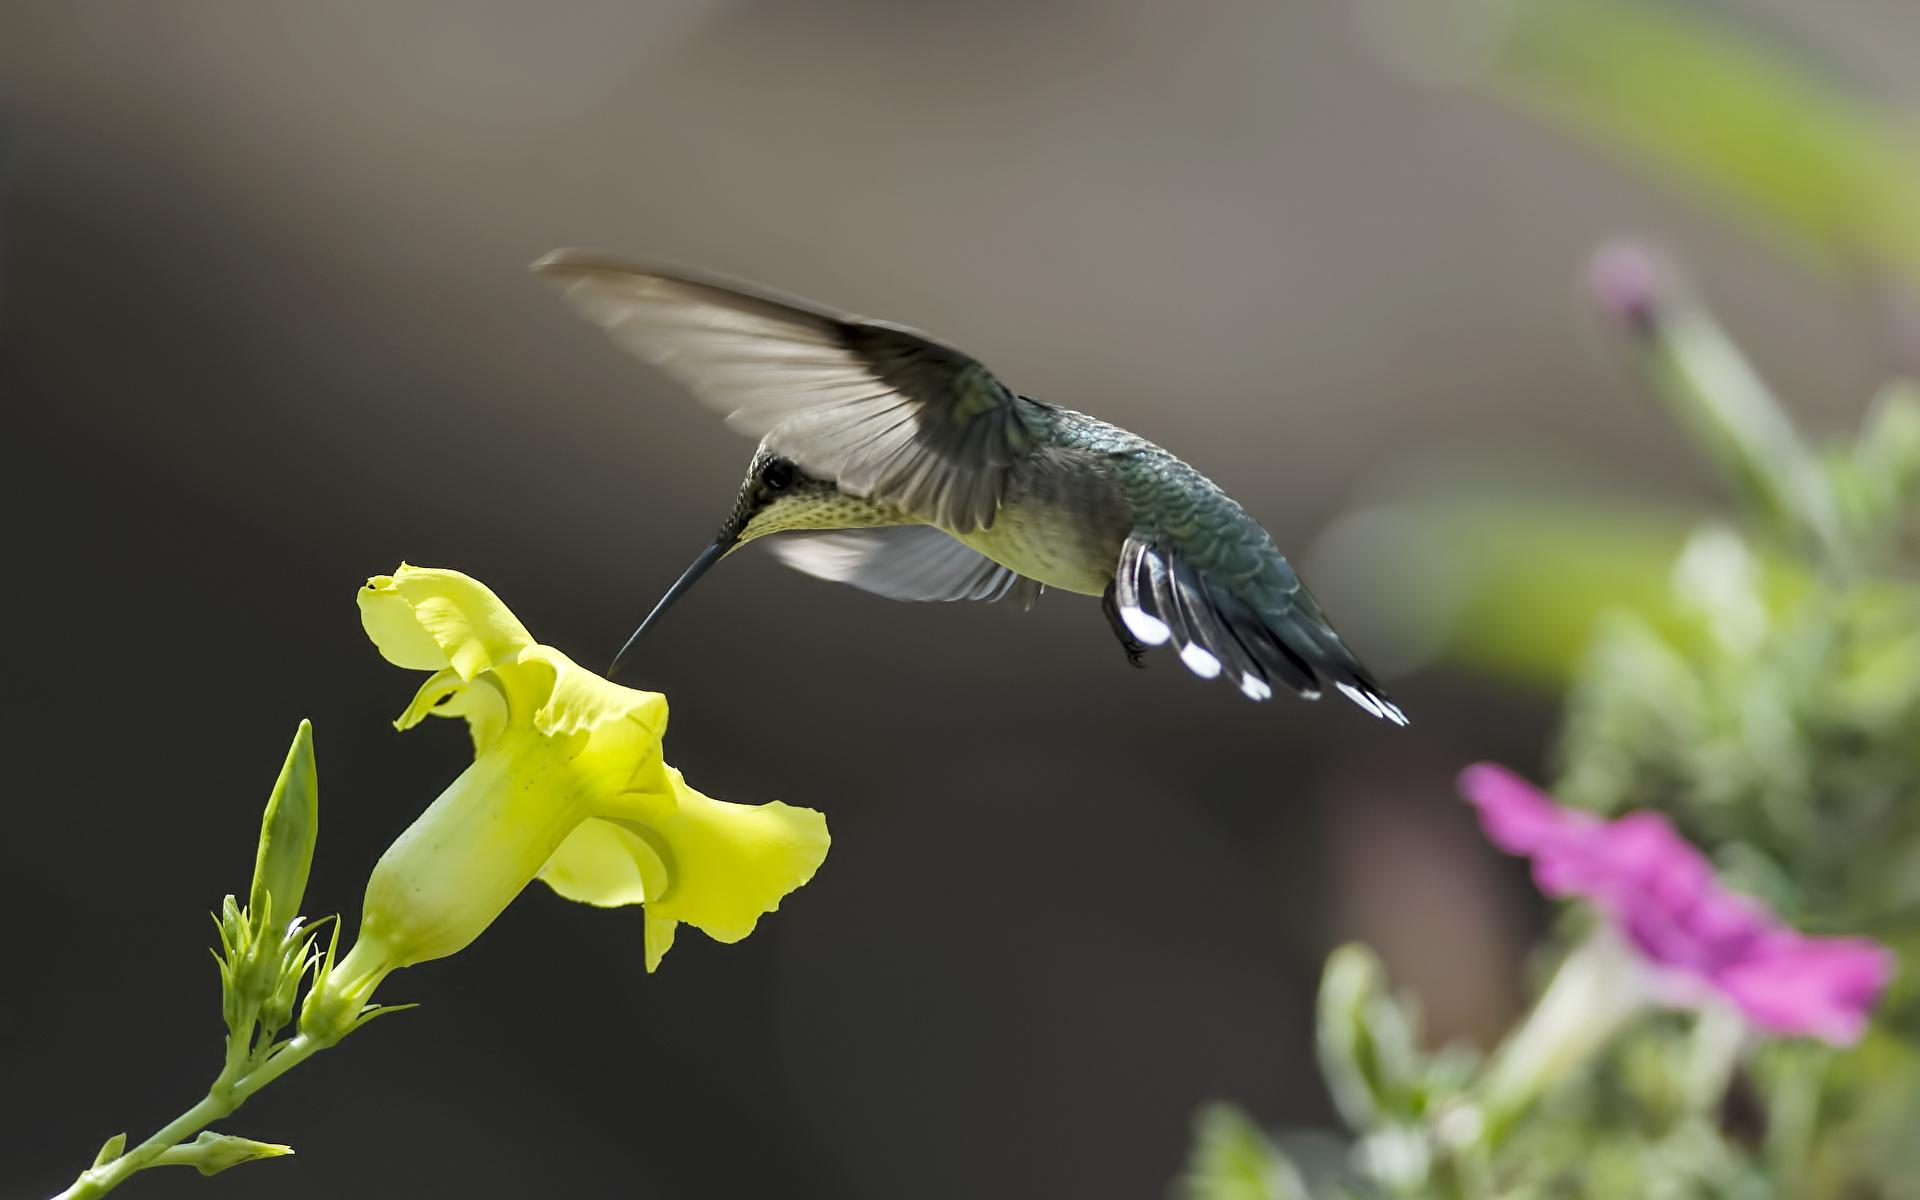 природа колибри цветы птицы бесплатно